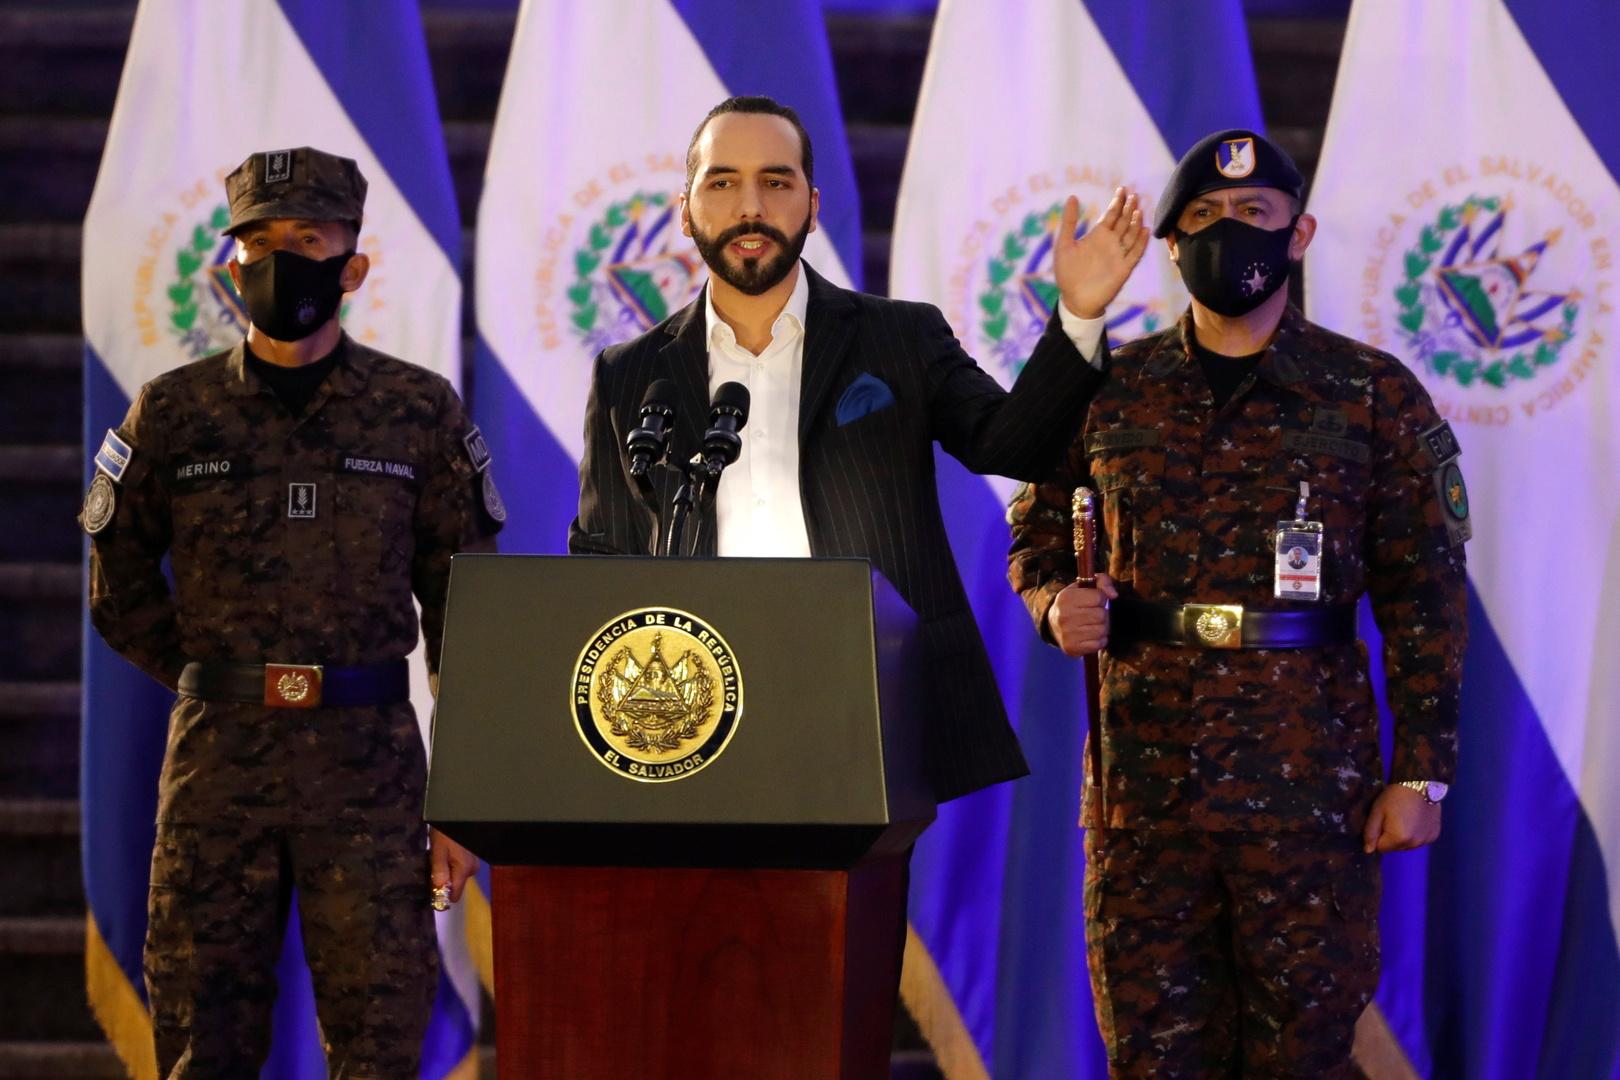 المحكمة العليا بالسلفادور تفتح الباب أمام إعادة ترشح الرئيس لولاية أخرى وأمريكا تحتج